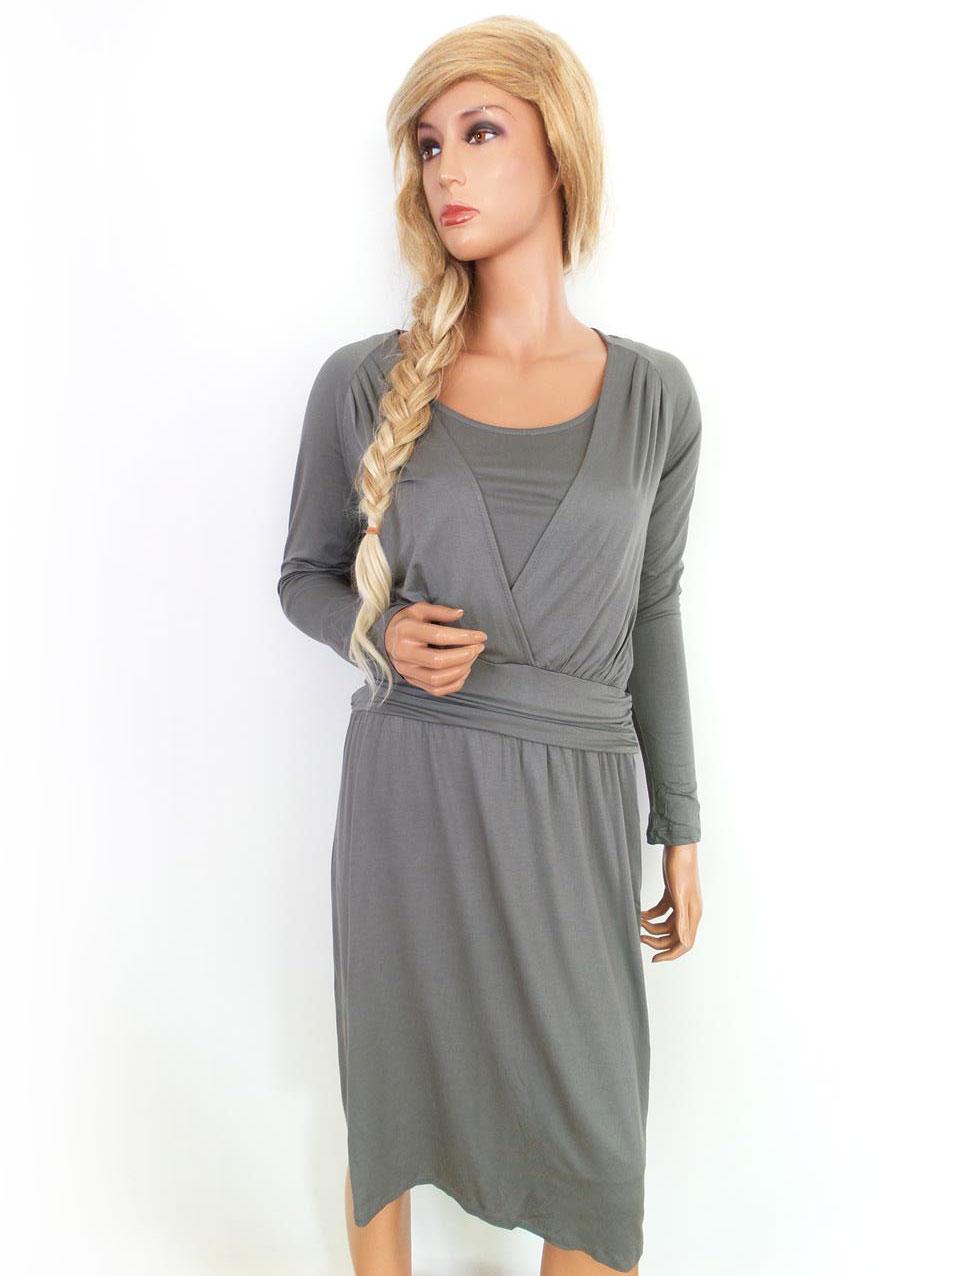 ... Zara storlek M Ny! klänning grå.    895d75de24817